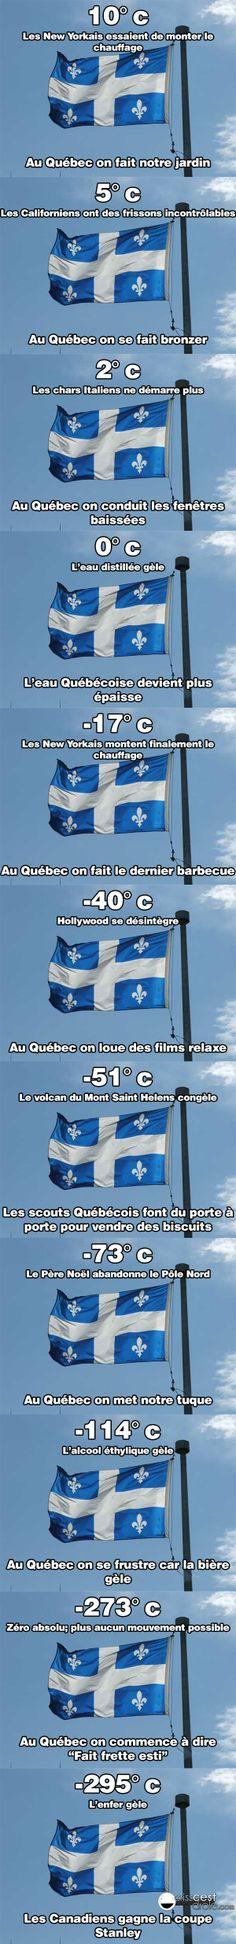 Vive le Québec hahah esti qui faiit frette